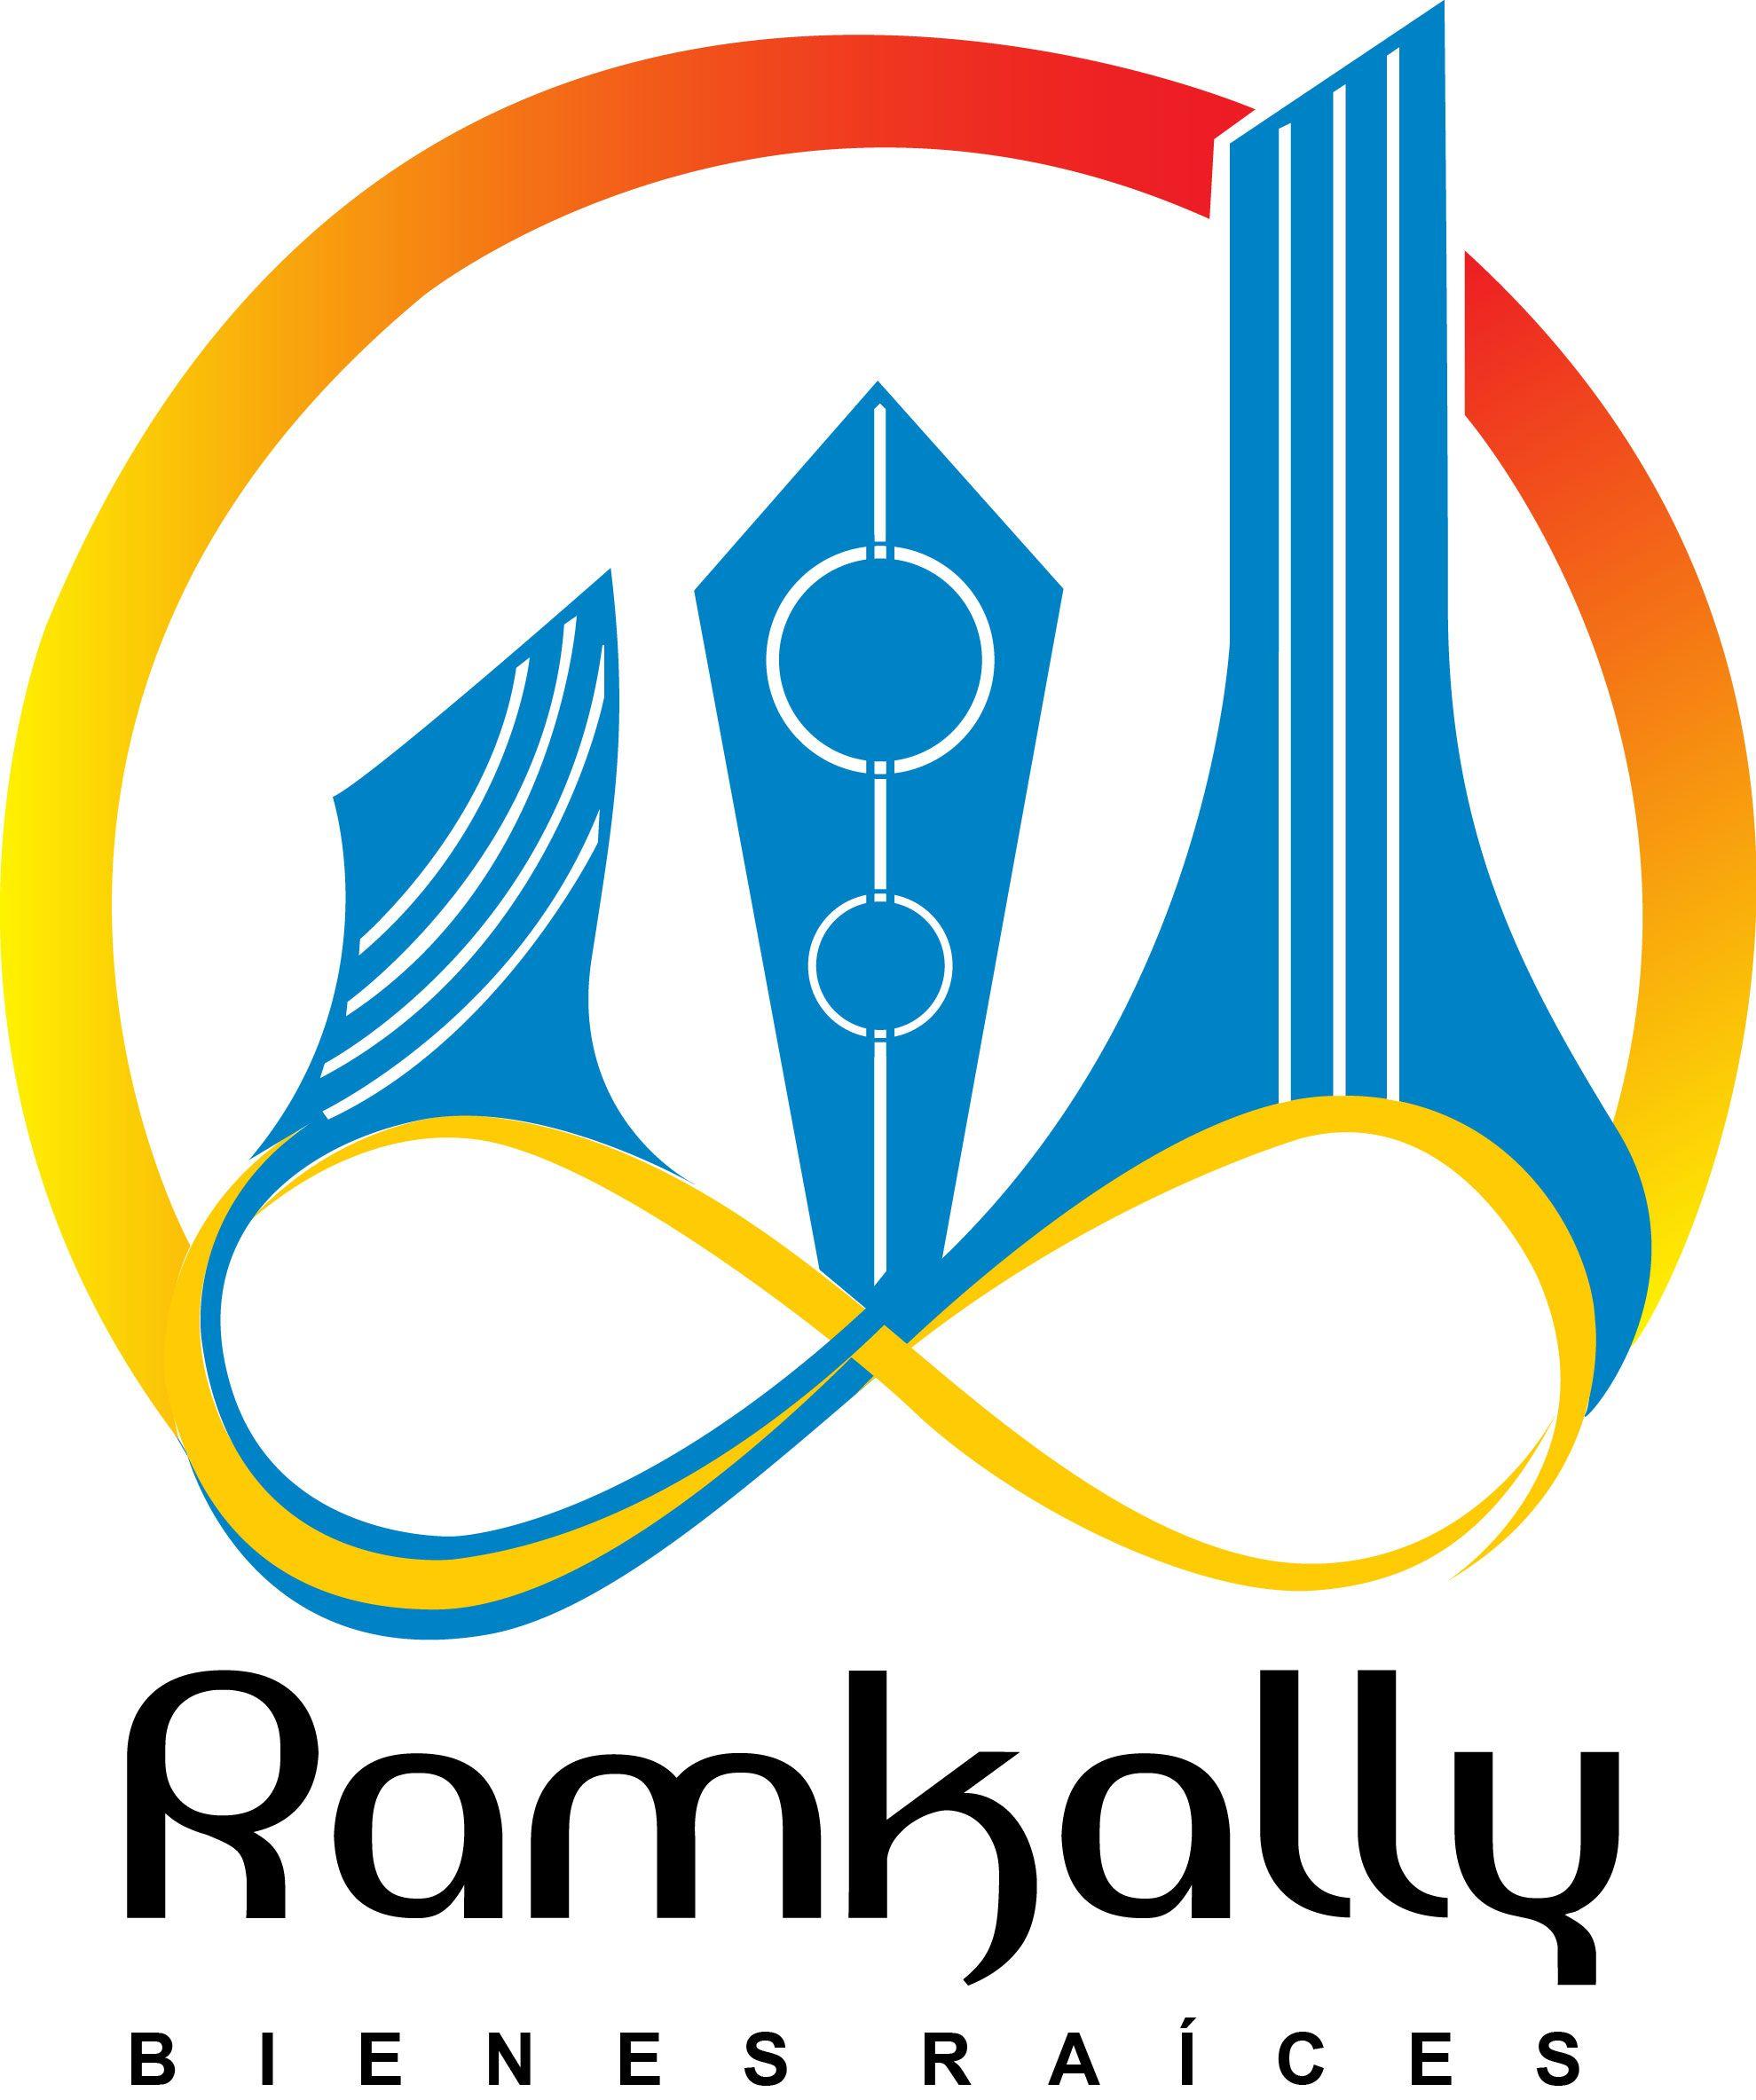 Logo de  Ramkallybienesraices